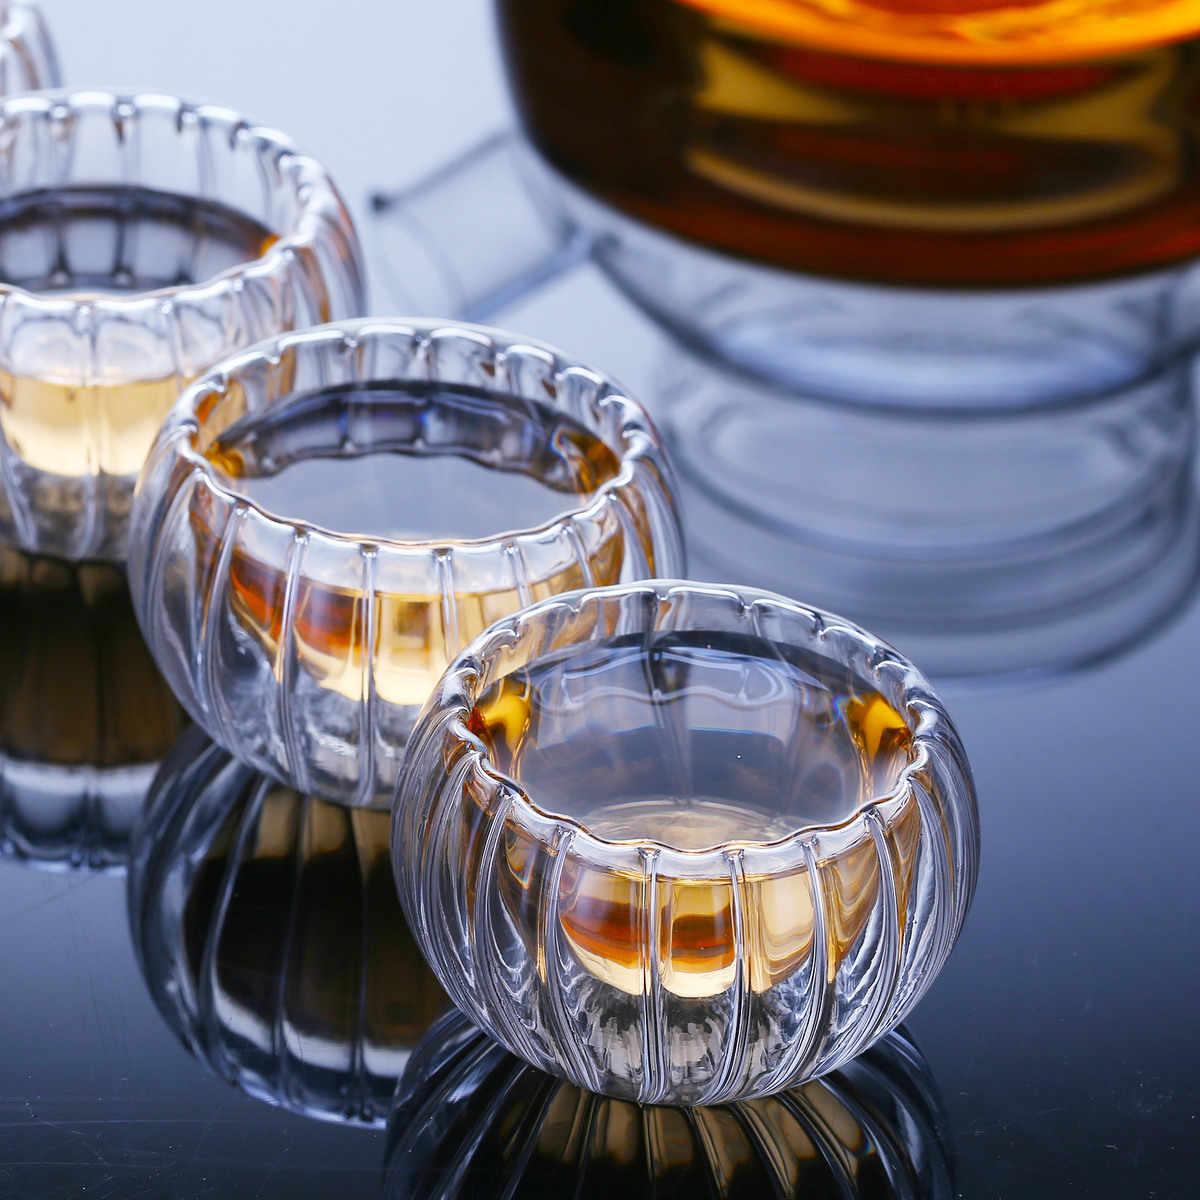 6 ピース/ロット二重壁ガラスミニカボチャストライプショットガラスボダムデザイン抗ホットティーカップ安い nmd 酒ワイングラス卸売